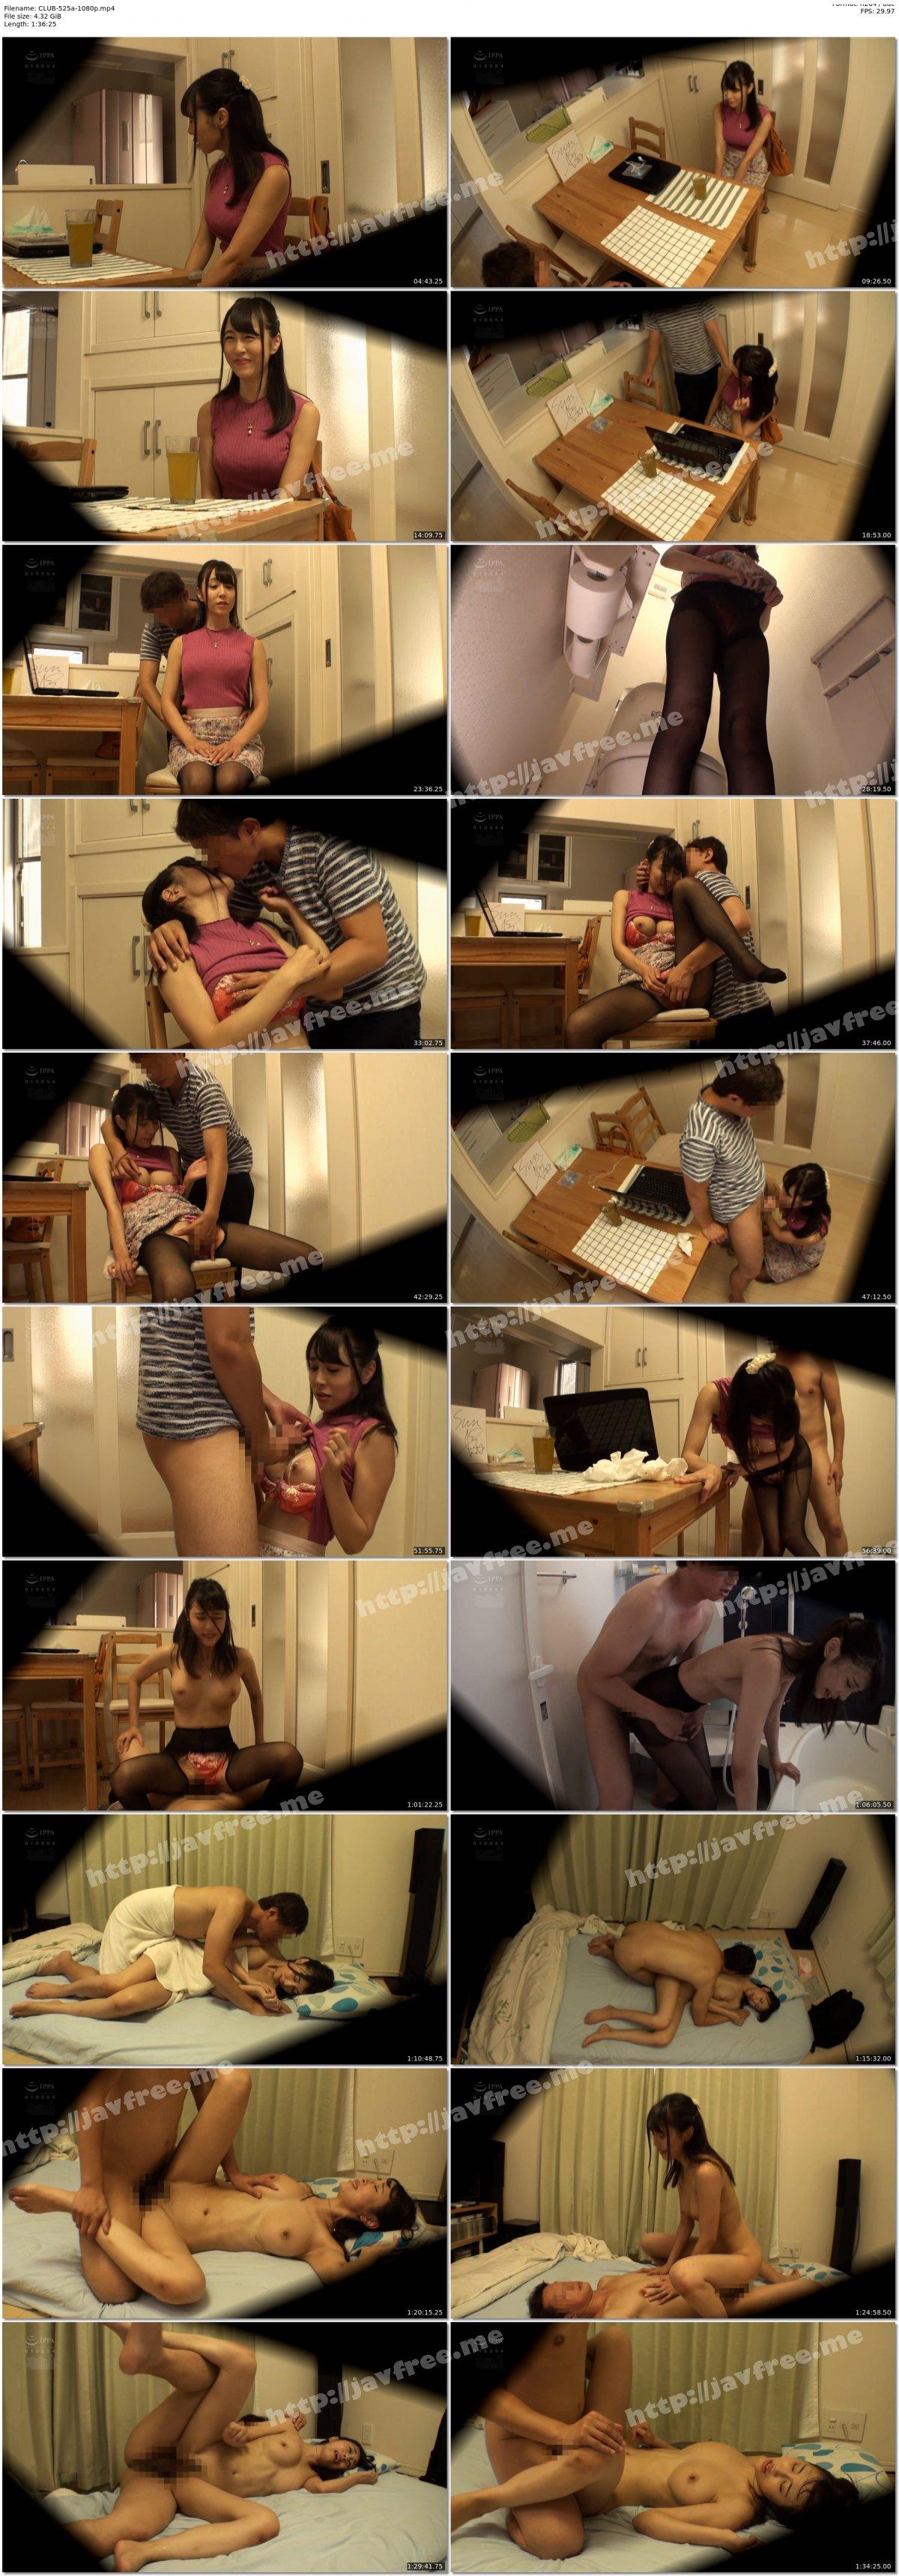 [HD][CLUB-525] 完全盗撮 同じアパートに住む美人妻2人と仲良くなって部屋に連れ込んでめちゃくちゃセックスした件。其の29 - image CLUB-525a-1080p on https://javfree.me